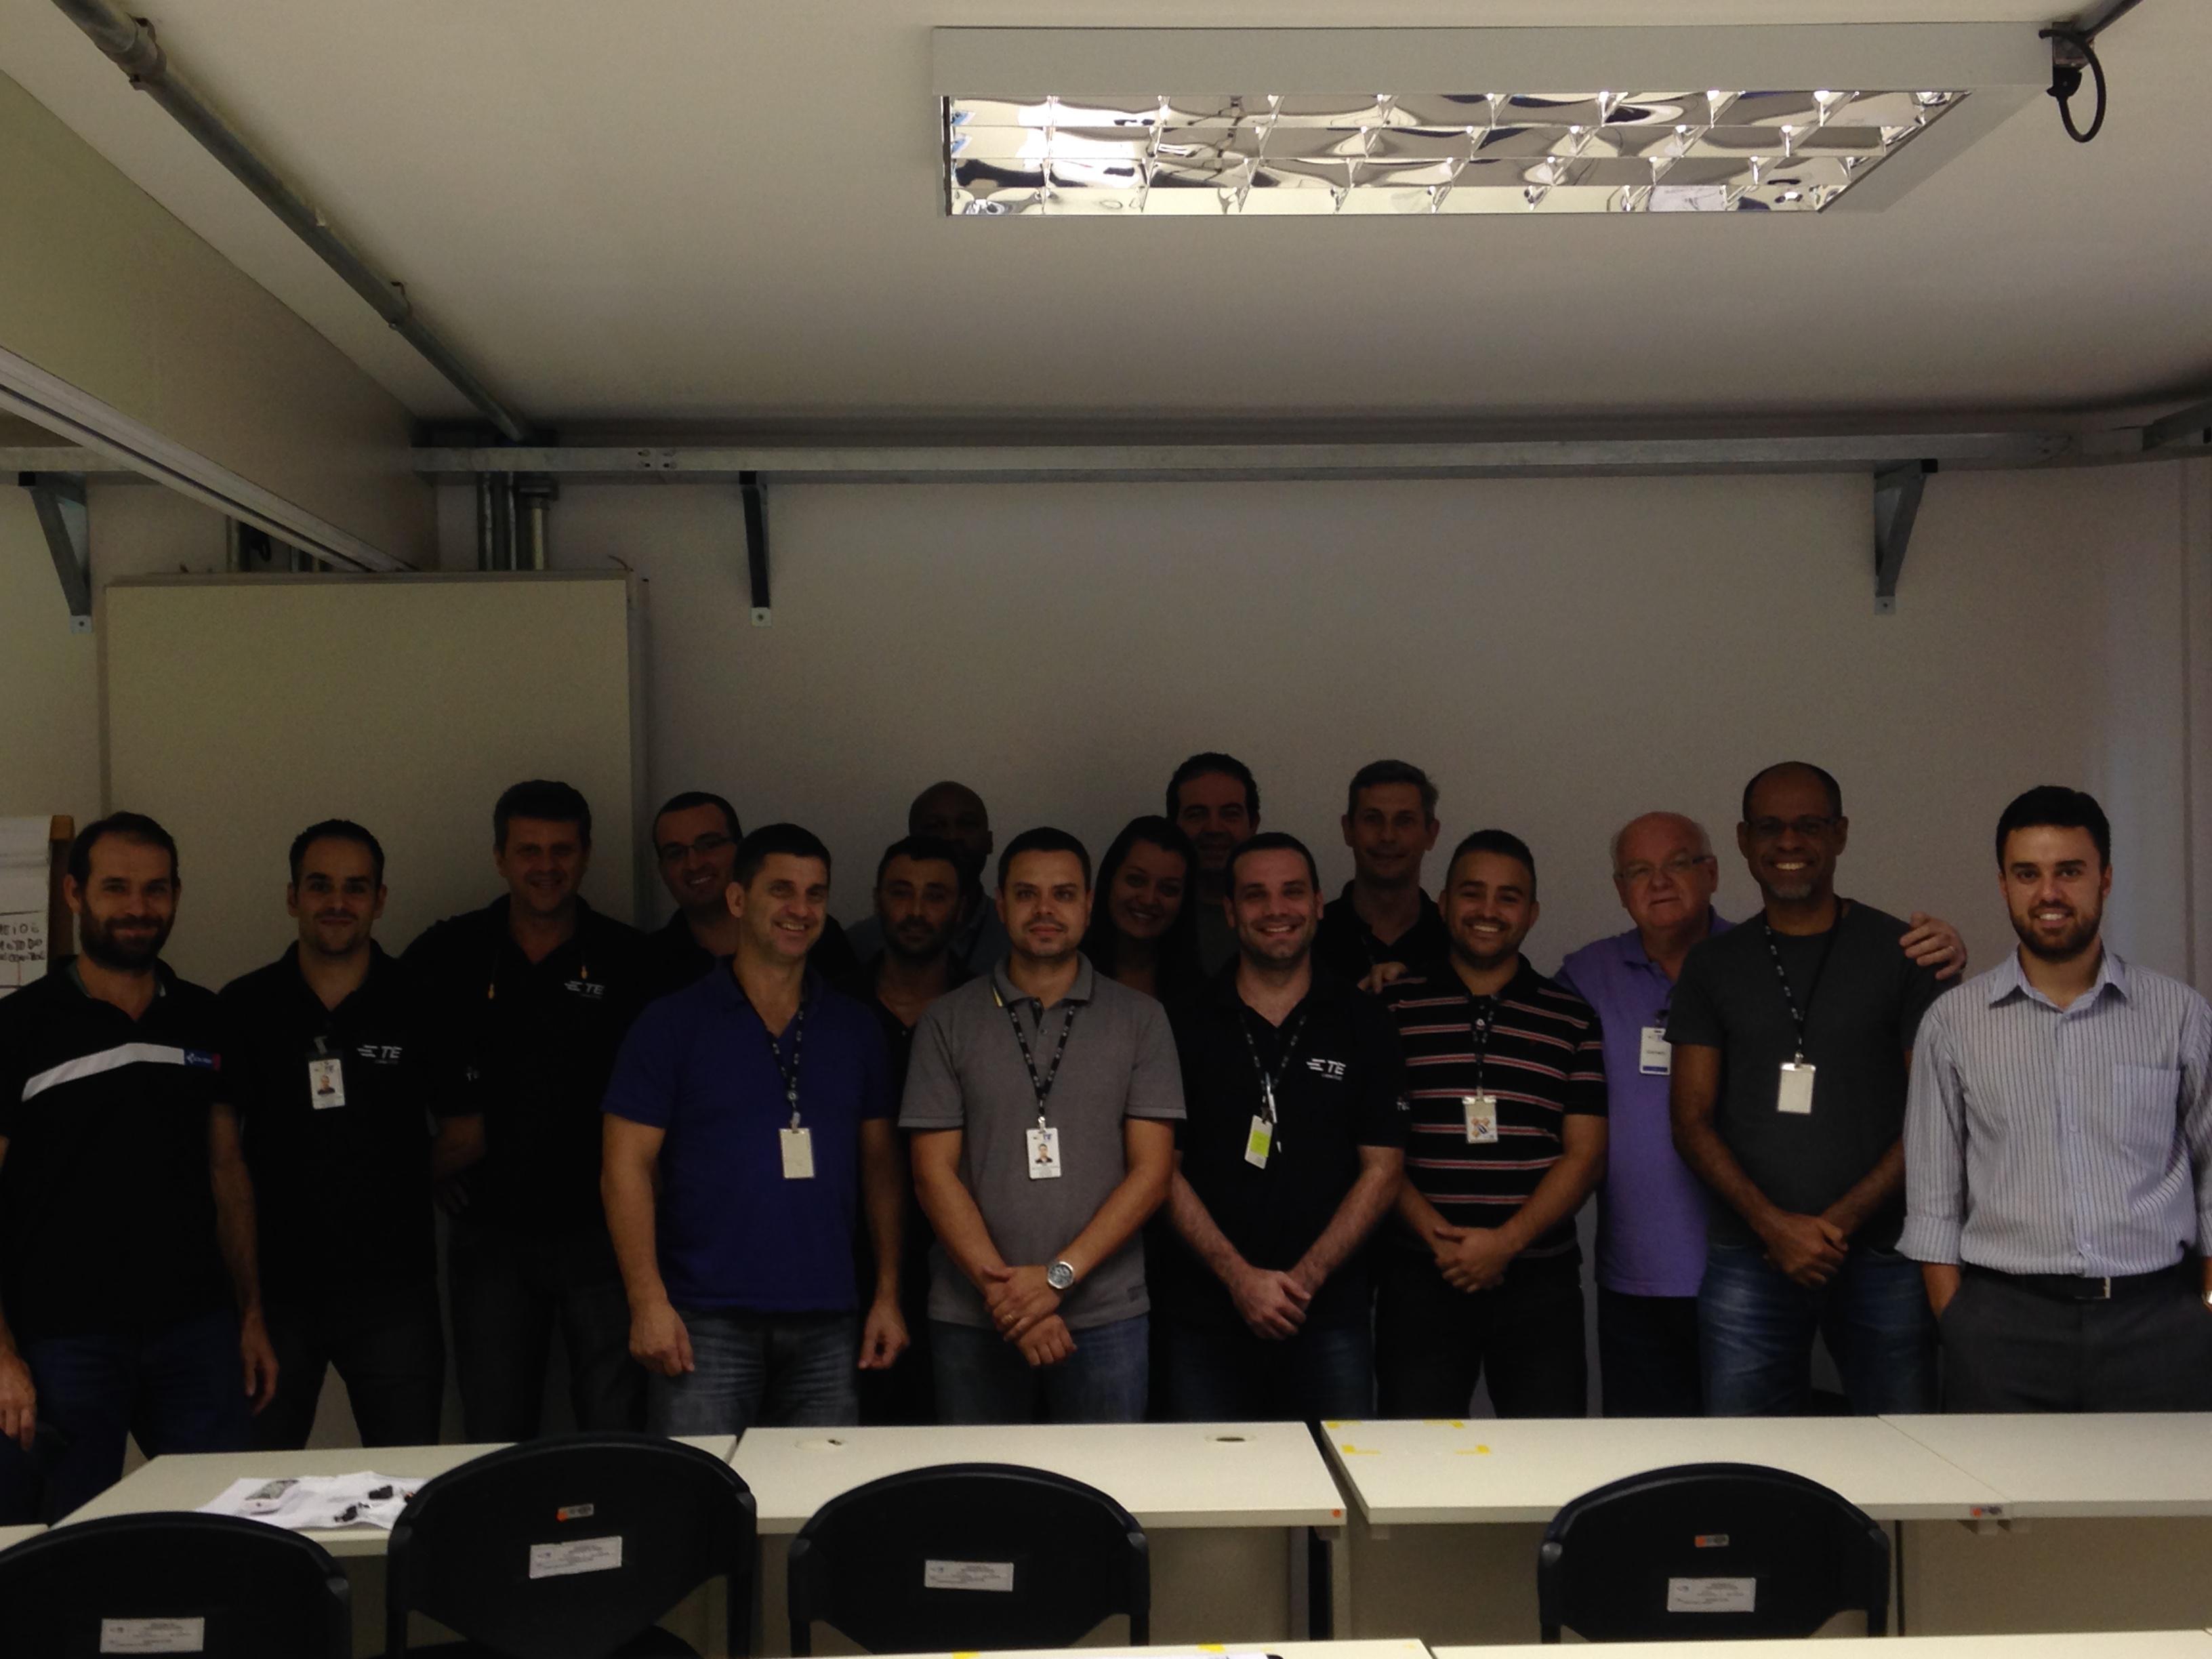 Equipe II Tyco Electronics no curso de FMEA de projetos e processos.